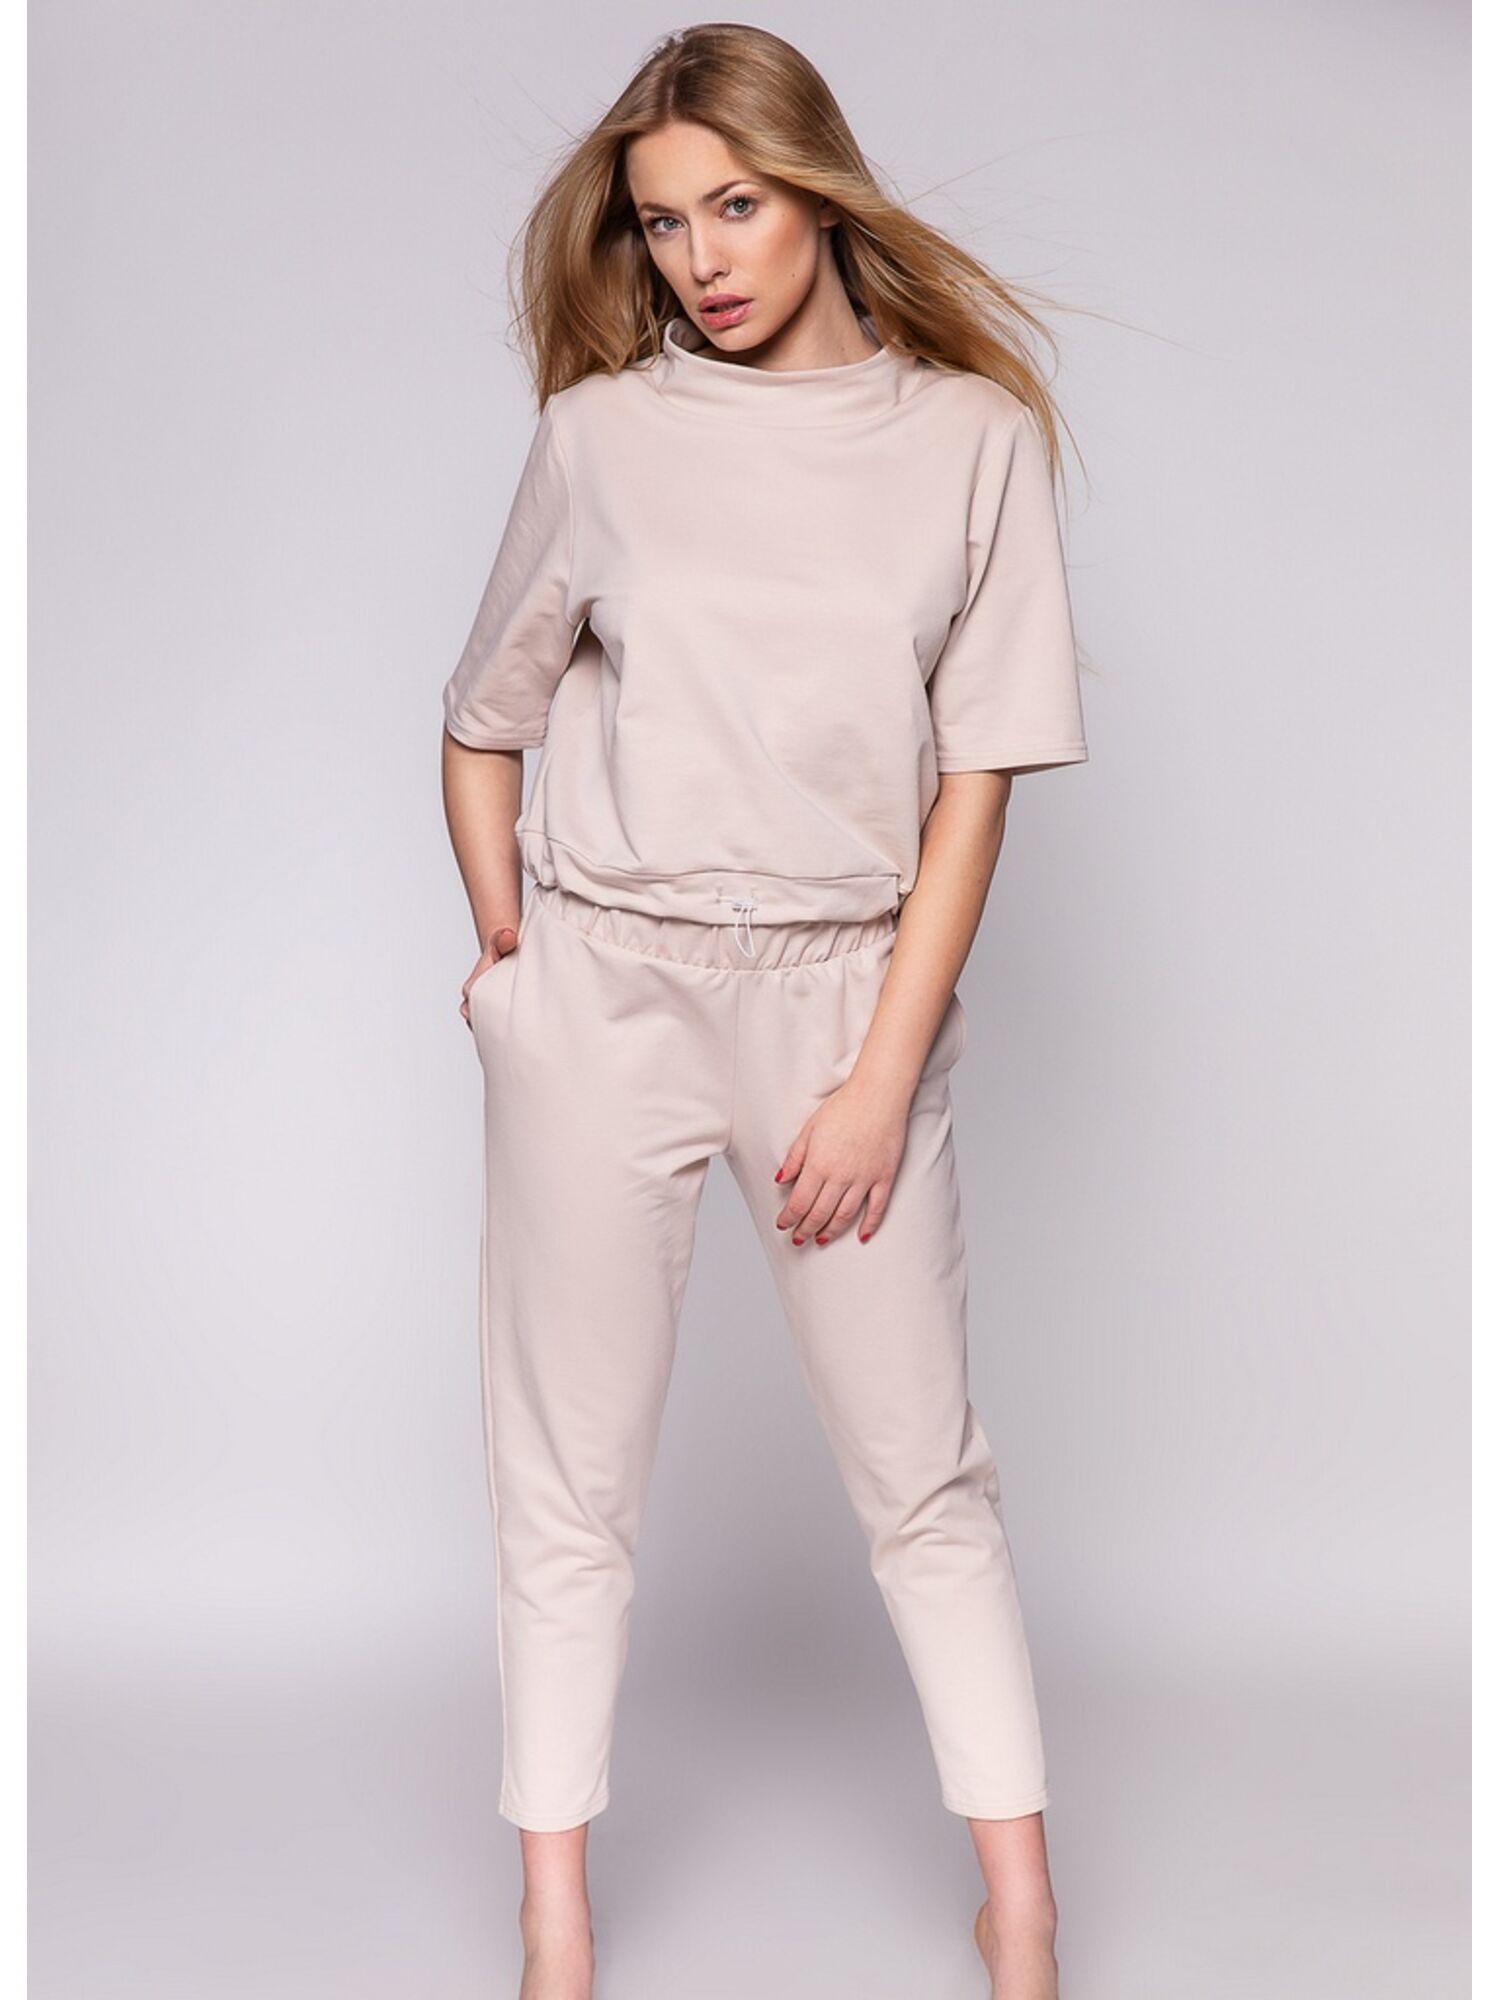 Комплект женский хлопковый со штанами NANCY, бежевый, SENSIS